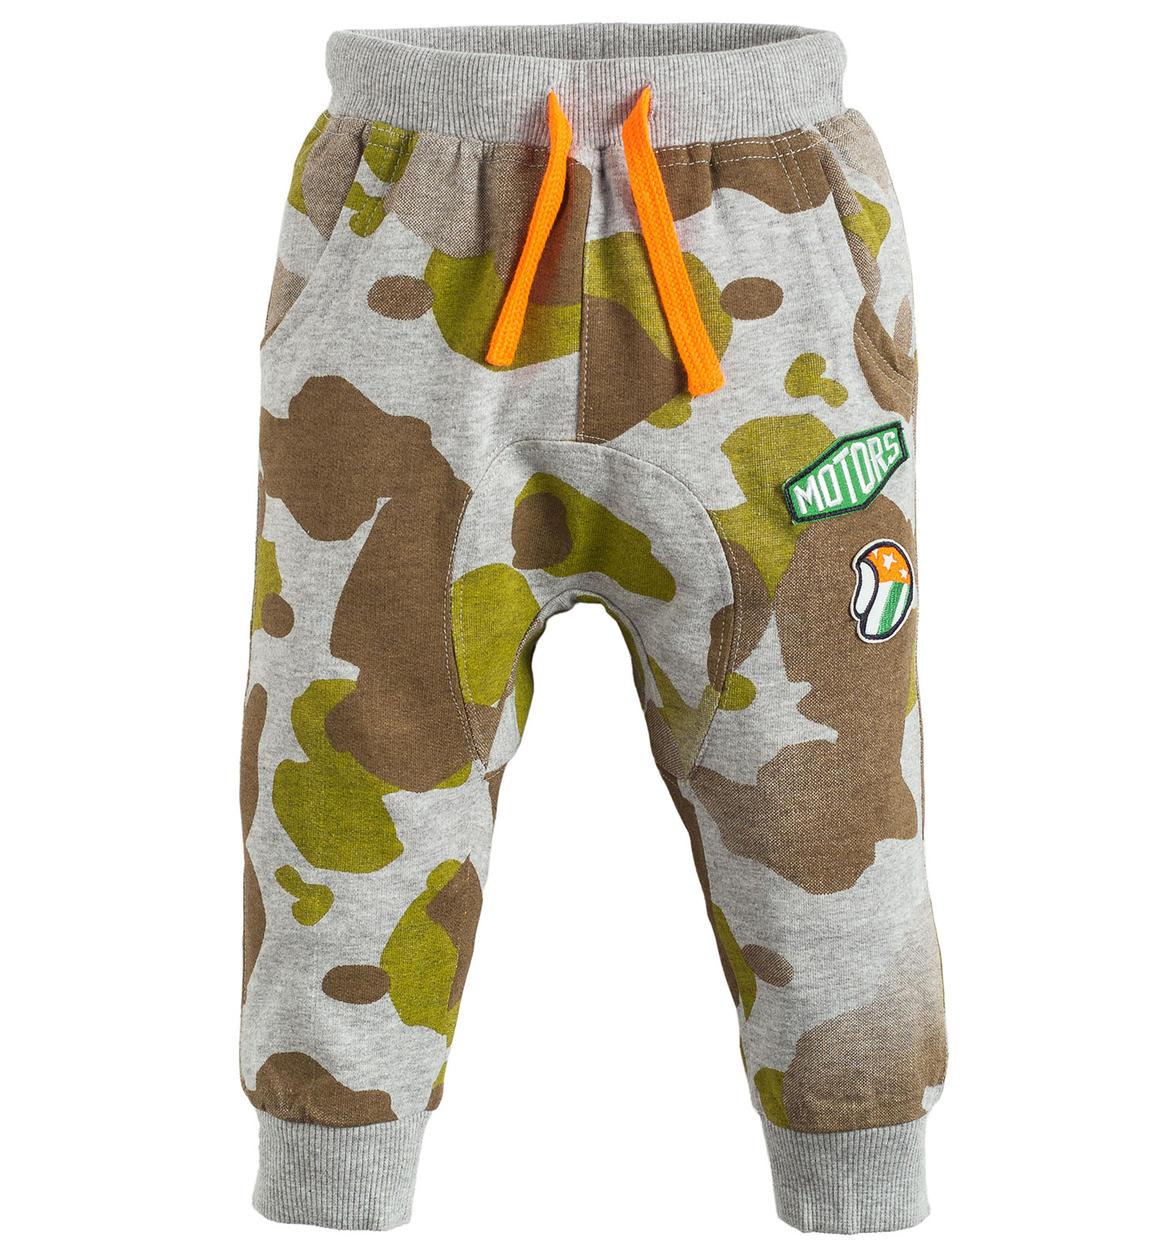 e33f862c5adc Pantalone lungo in felpa stampata 100% cotone per bambino da 6 a 36 mesi iDO